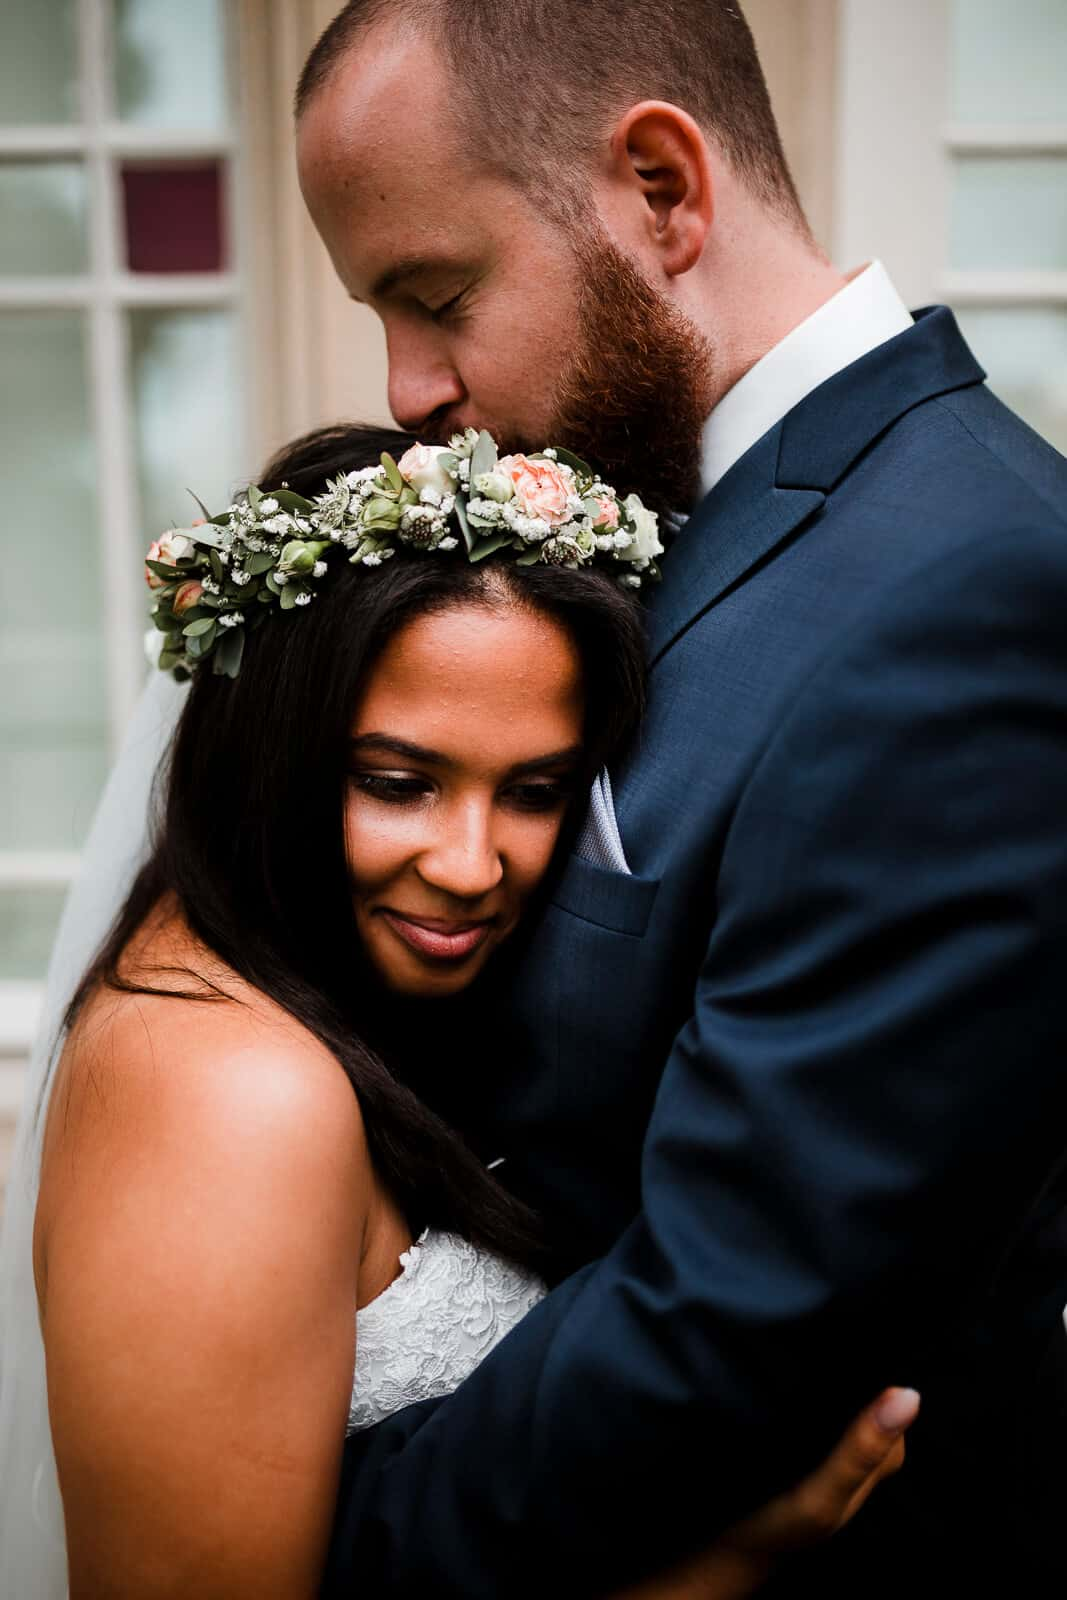 Bei den Hochzeitsfotos von Phillip und Raquel sieht man, wie sehr sich die beiden lieben